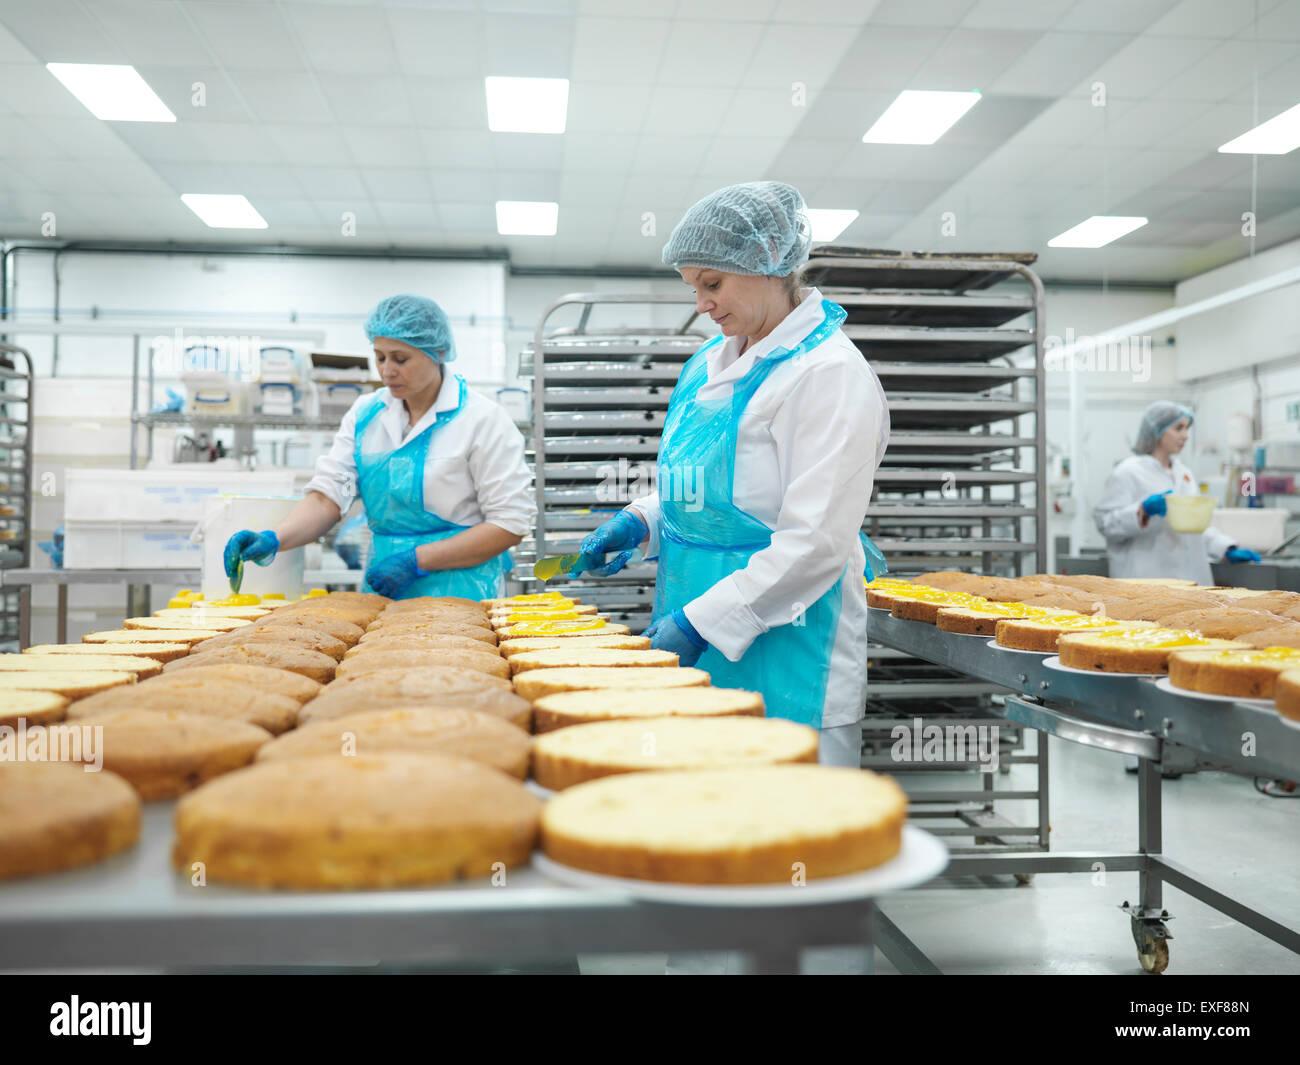 Arbeitnehmerinnen, die Verbreitung Füllung Kuchen Kuchenfabrik Stockbild